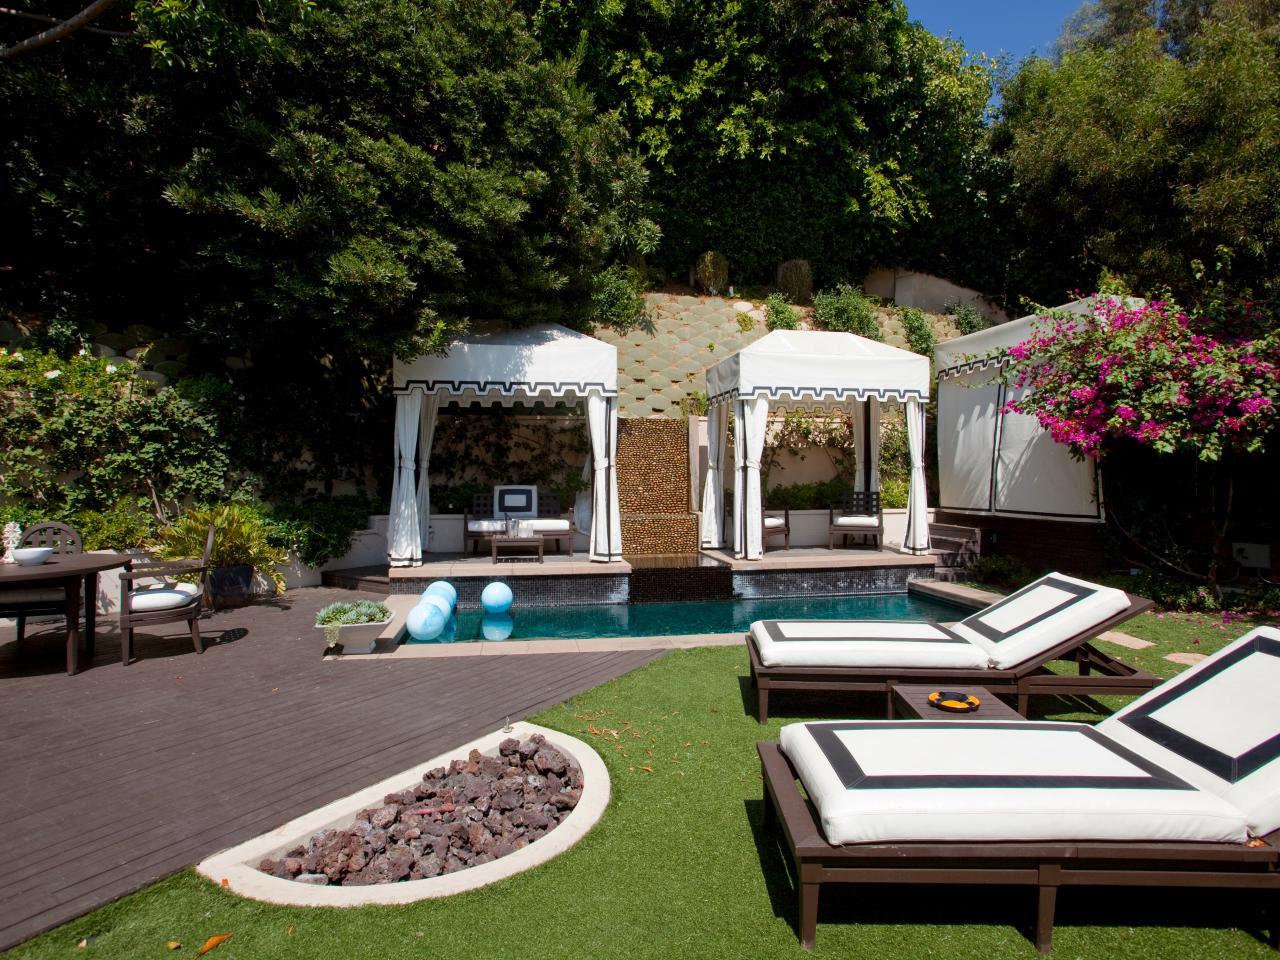 BP_HIBFHS12_Paris Hilton backyard pool fire pit_s4x3